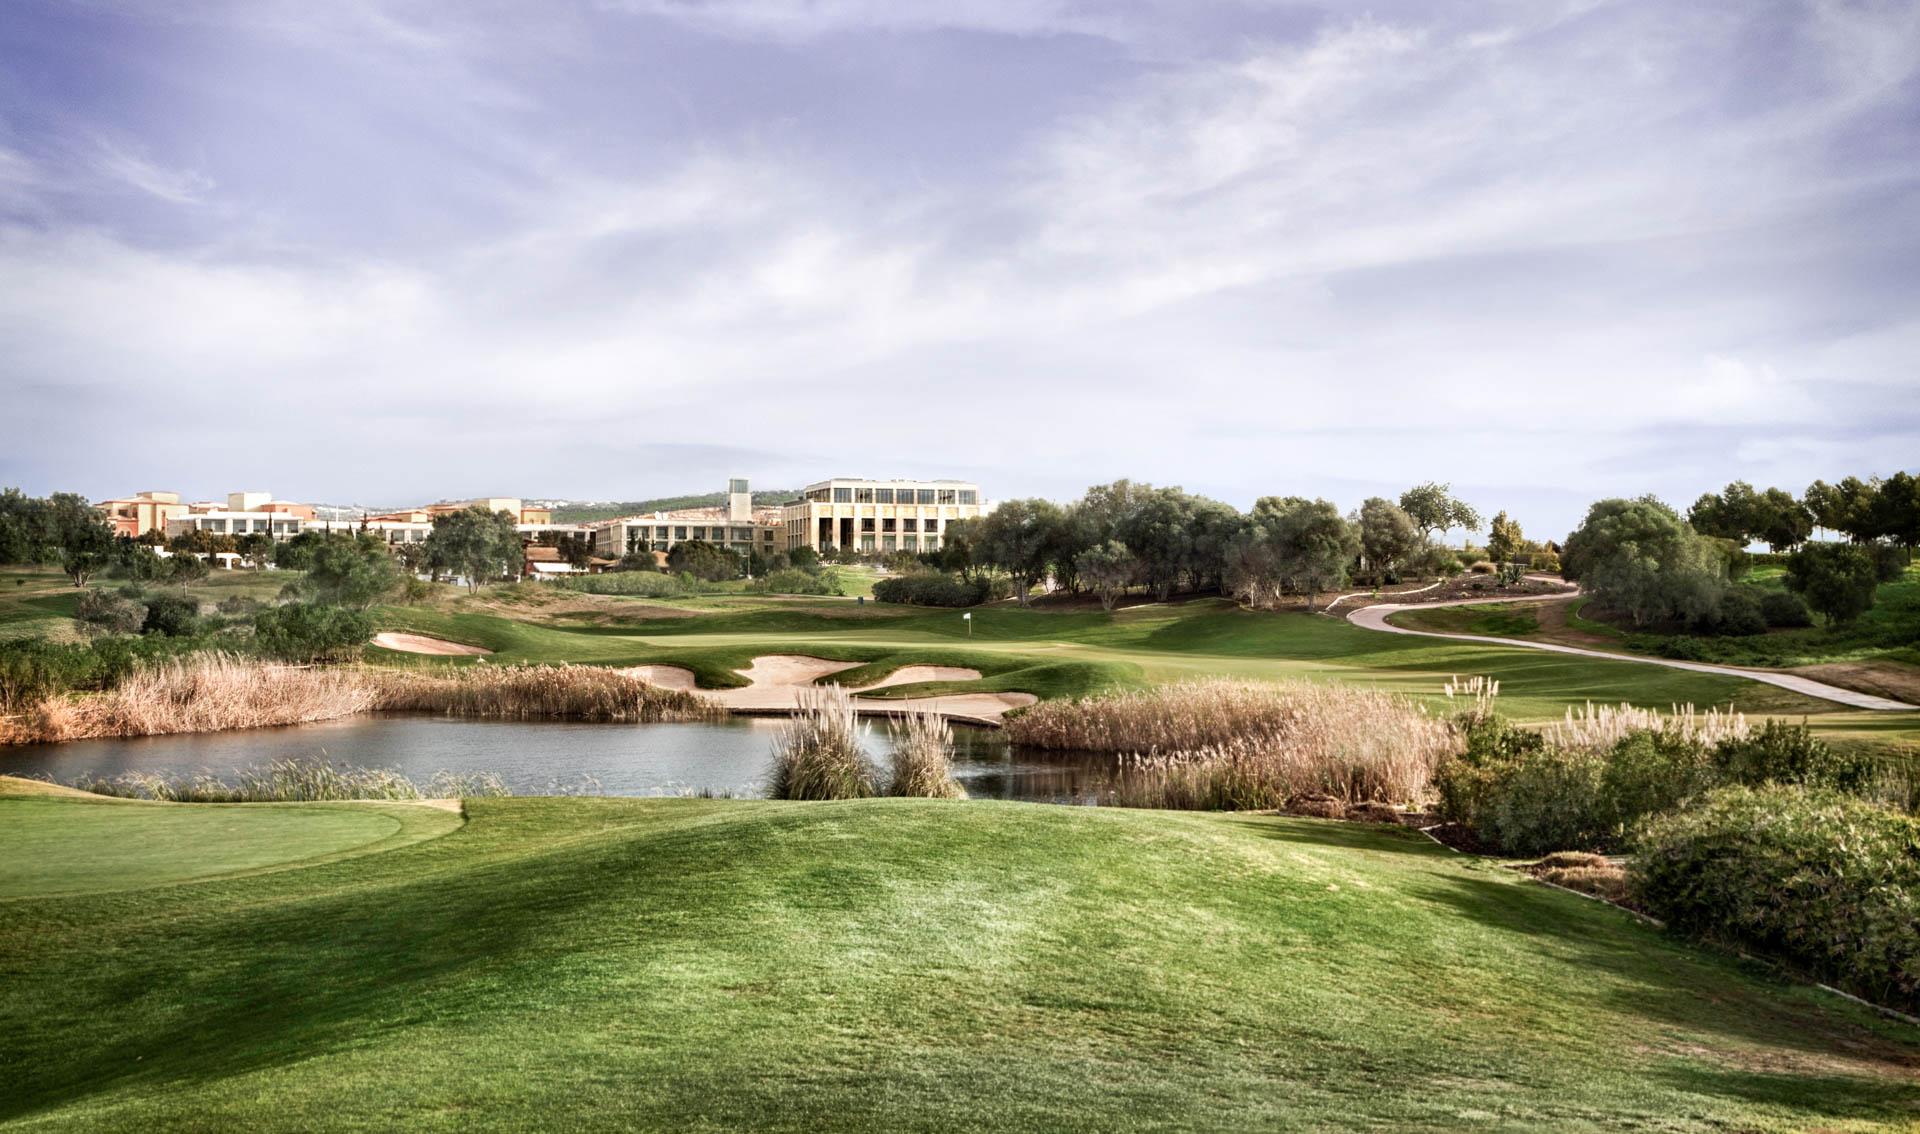 L'Oceânico Golf Course, adjacent au resort, est considéré comme l'un des plus beaux golfs du pays